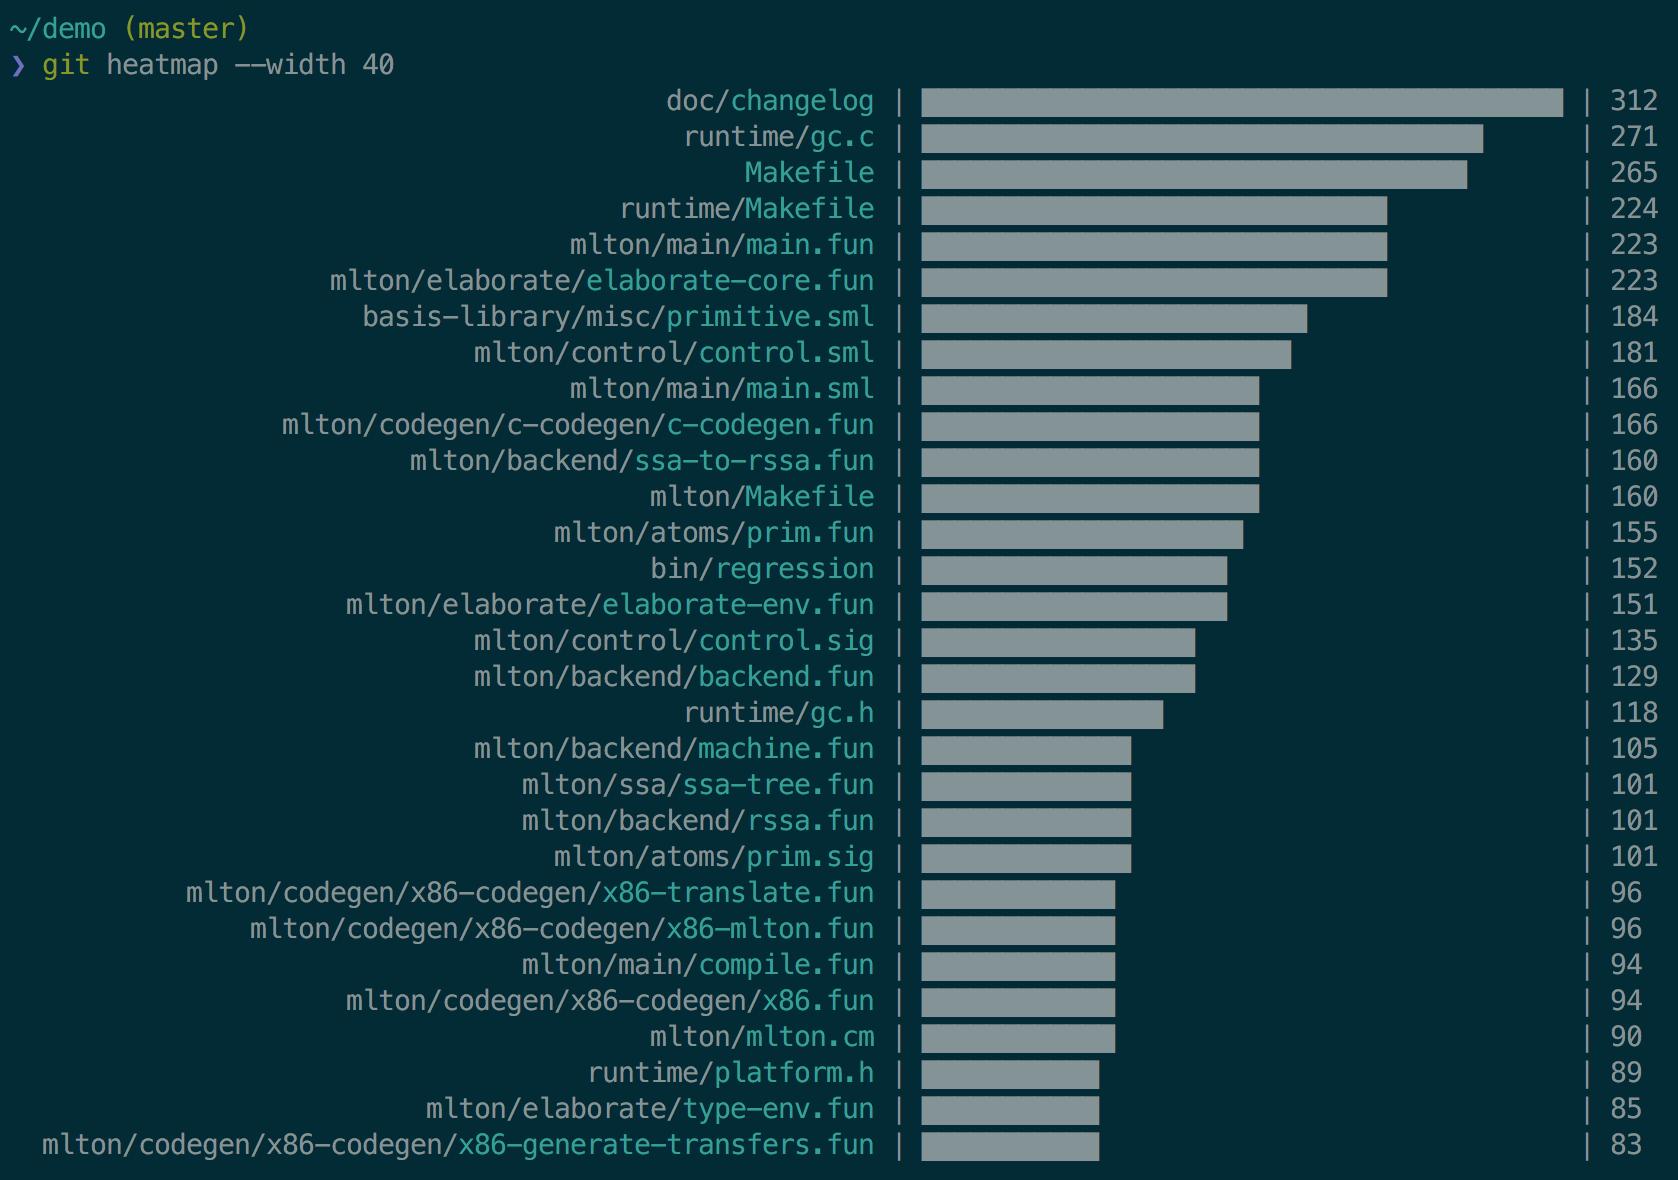 screenshot of git heatmap